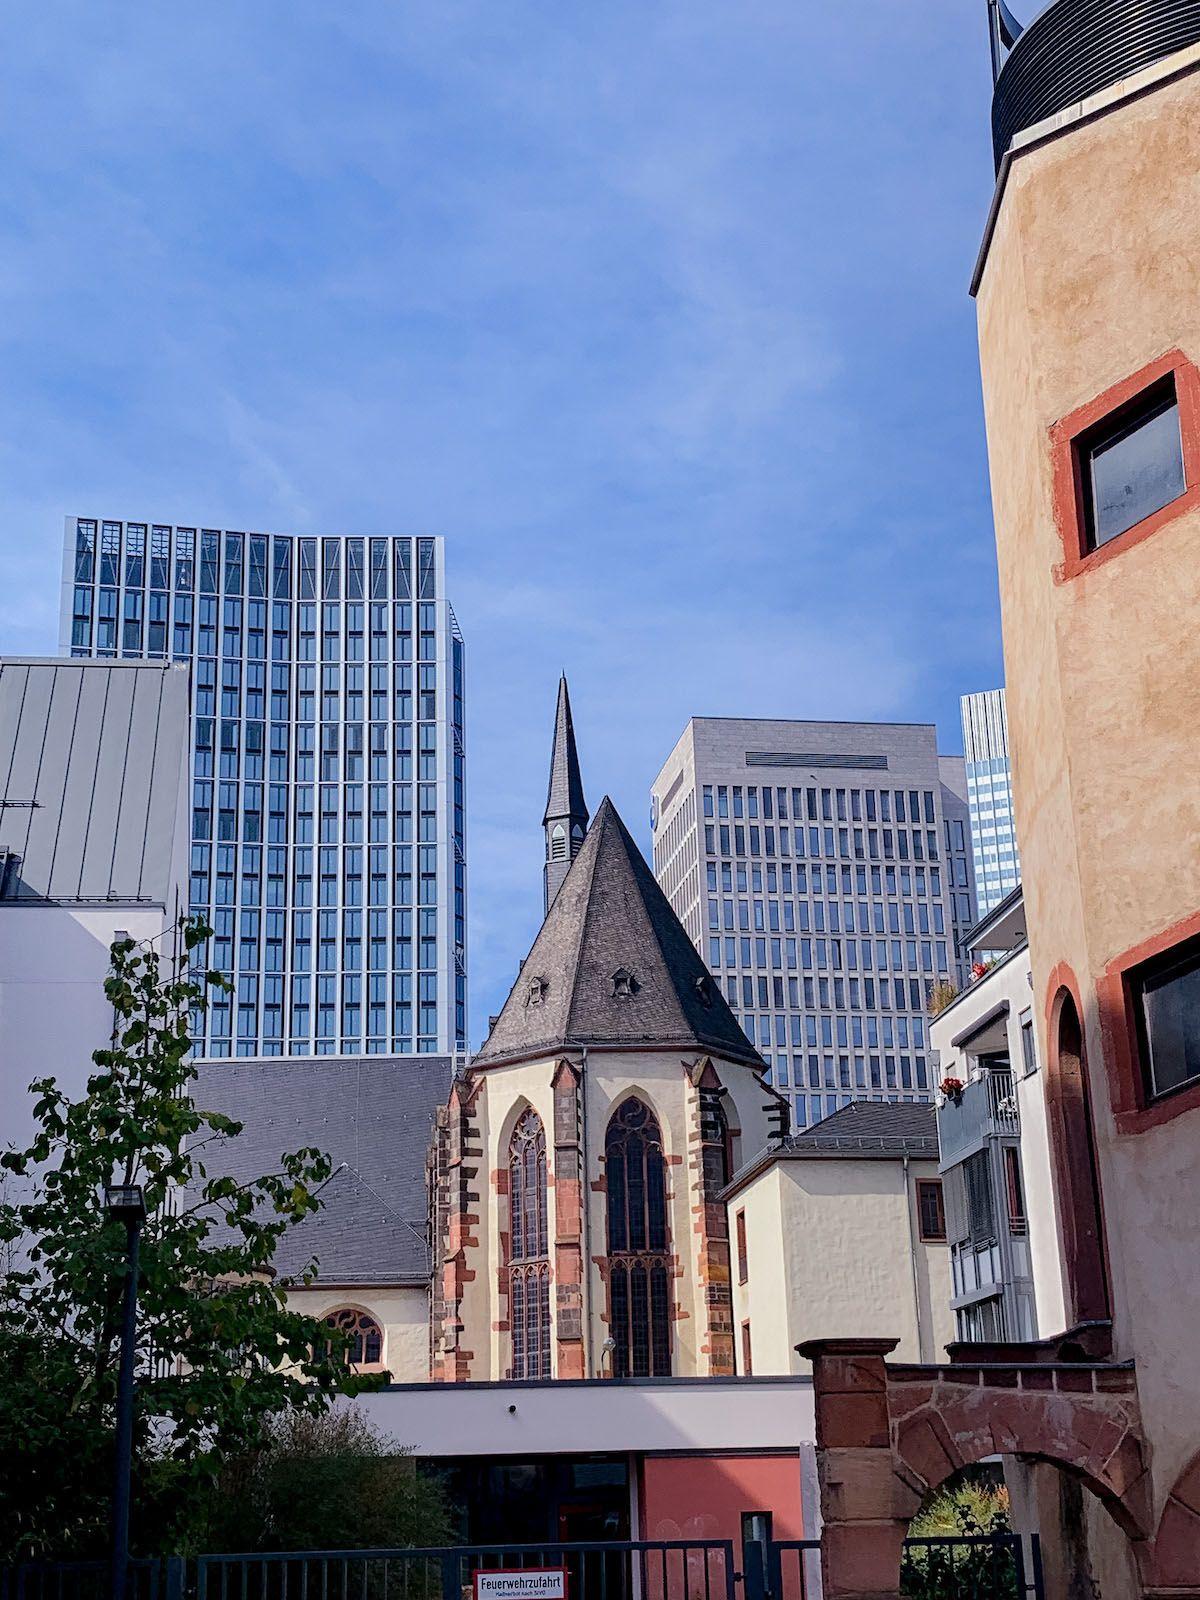 Foodblog, About Fuel, Leckerbissen, Scandic Hotel Frankfurt, Kirche, Wolkenkratzer